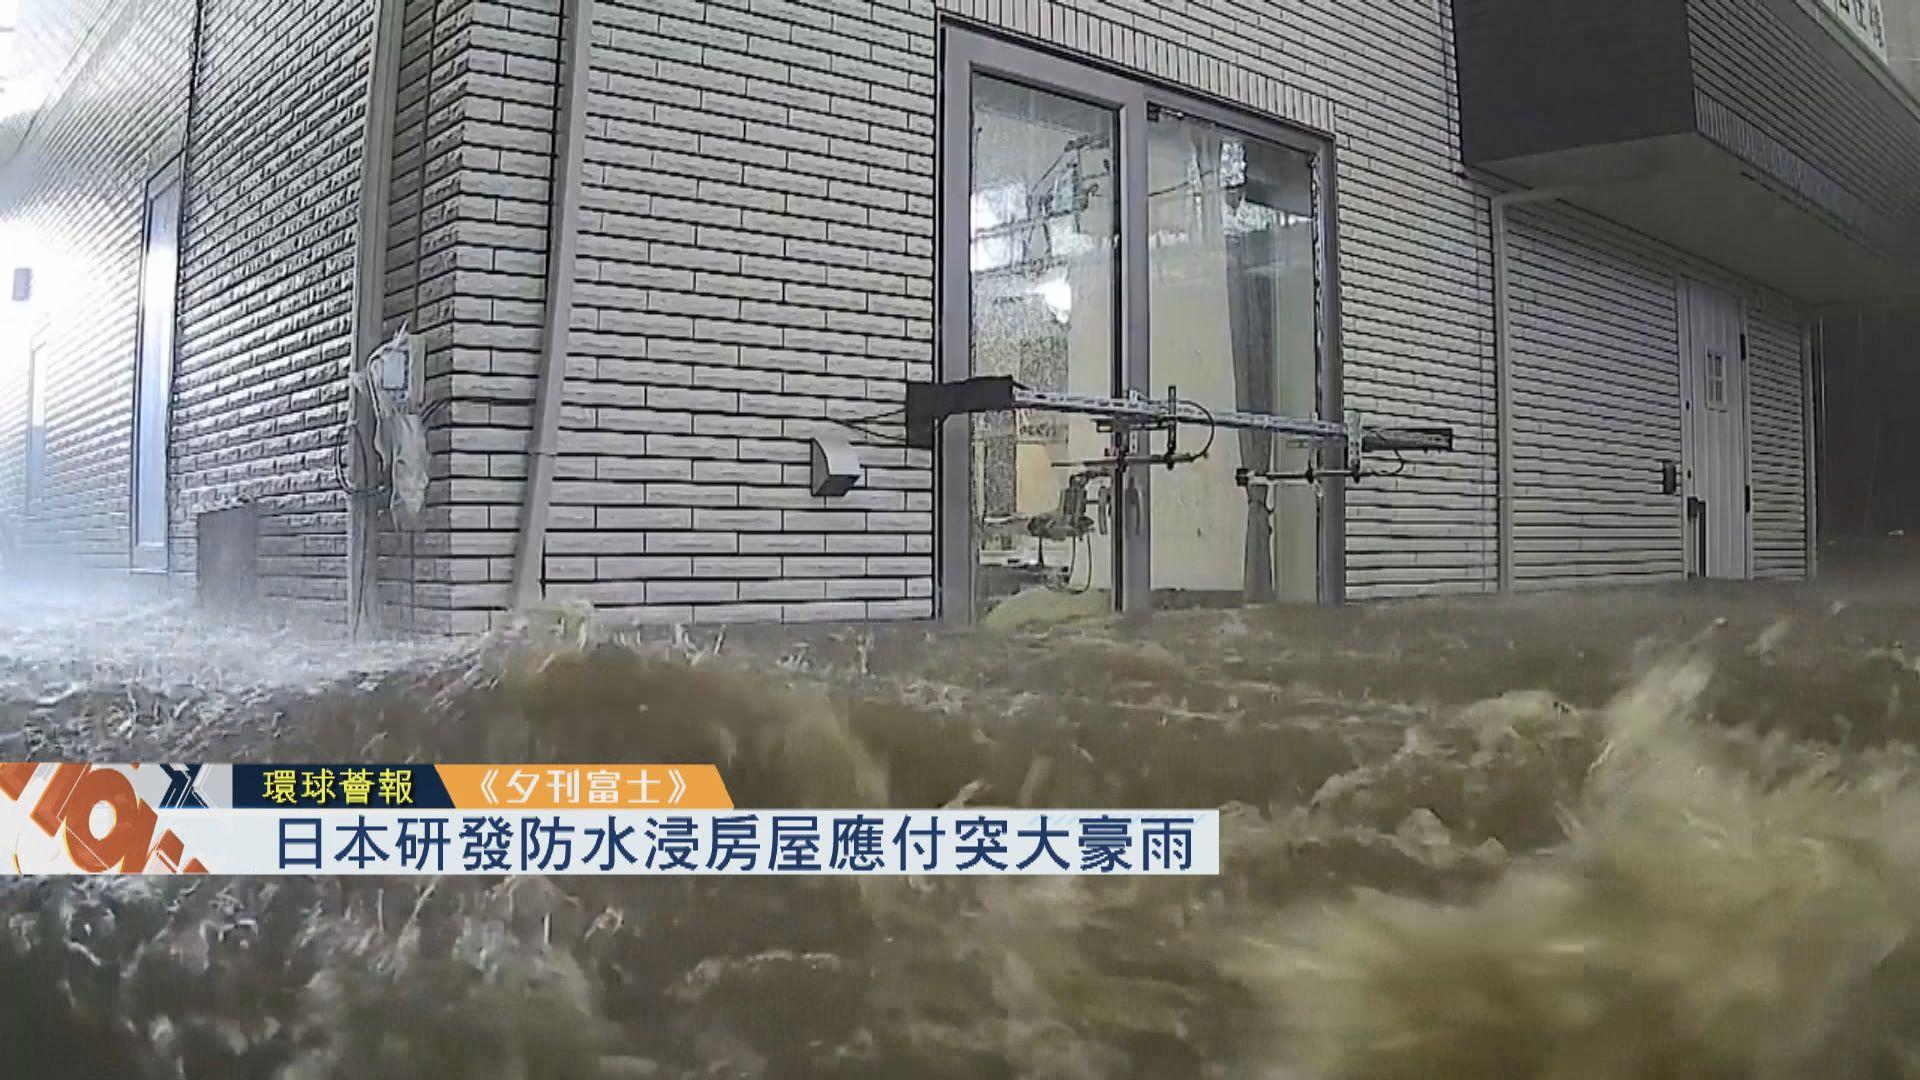 【環球薈報】日本研發防水浸房屋應付突大豪雨